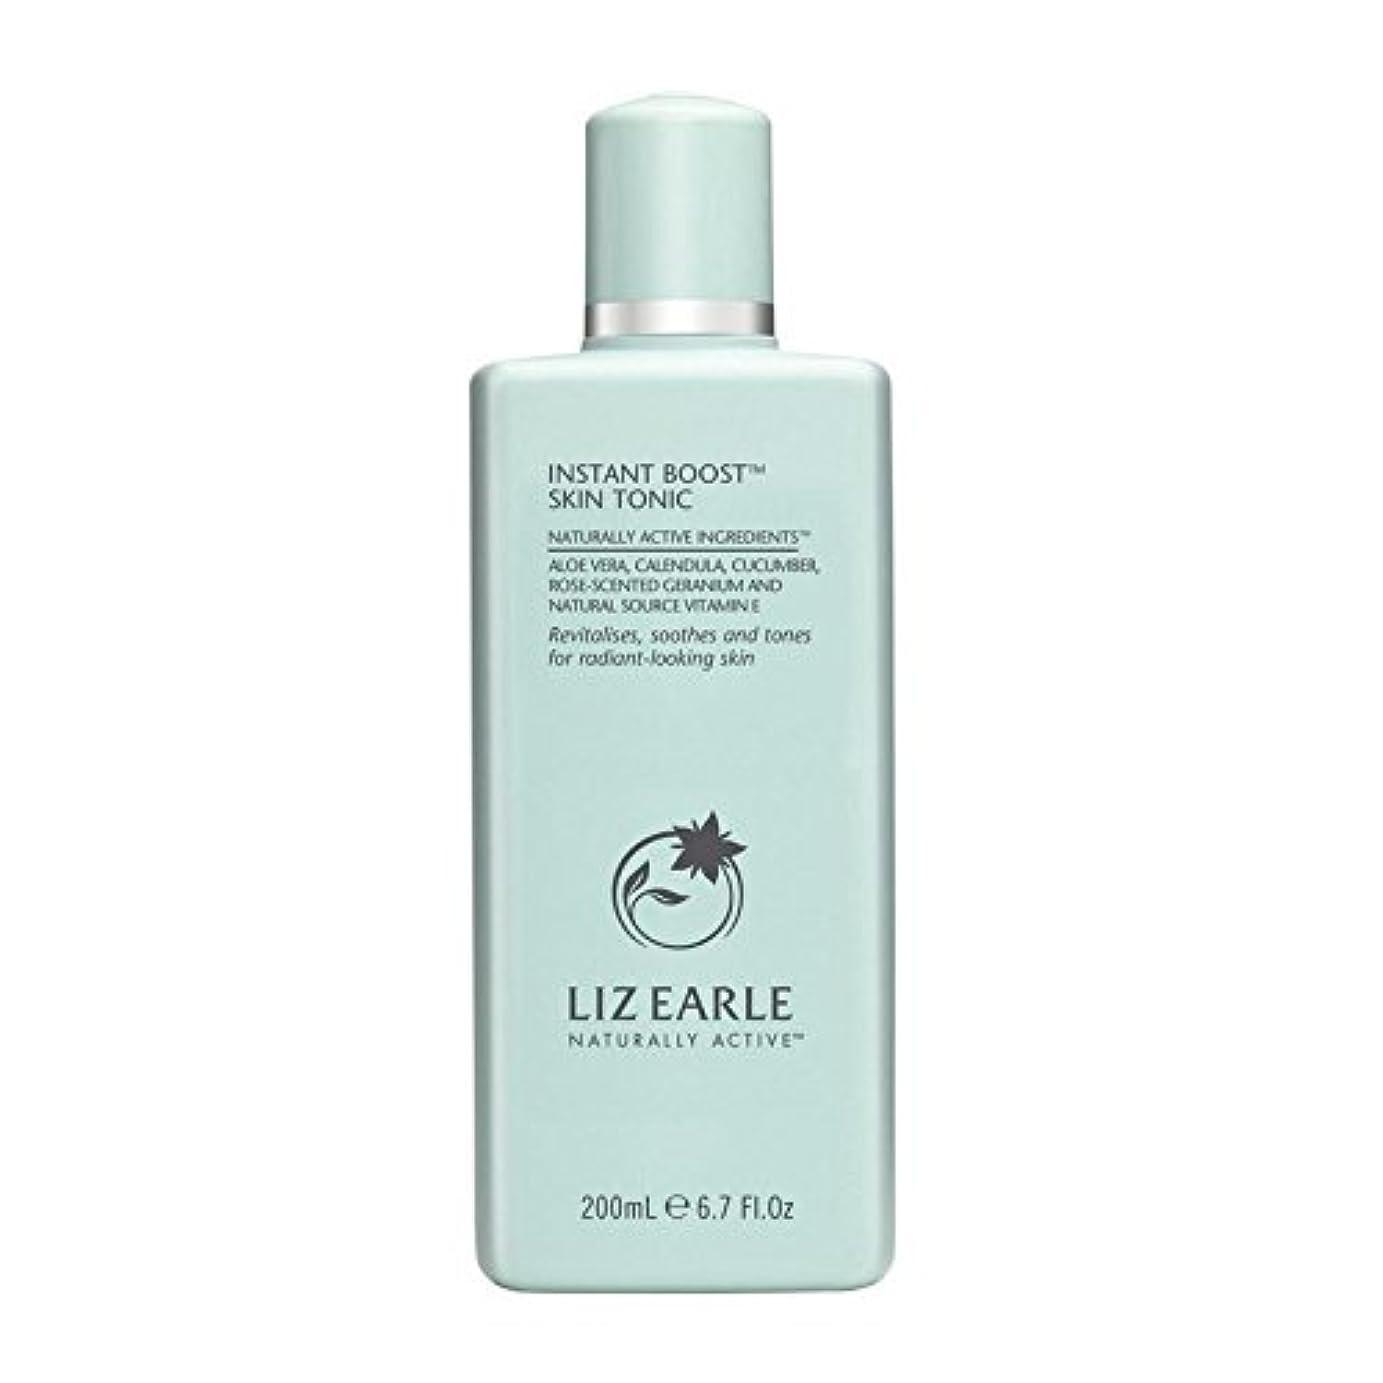 パイプライン架空のドナウ川リズアールインスタントブーストスキントニックボトル200ミリリットル x4 - Liz Earle Instant Boost Skin Tonic Bottle 200ml (Pack of 4) [並行輸入品]